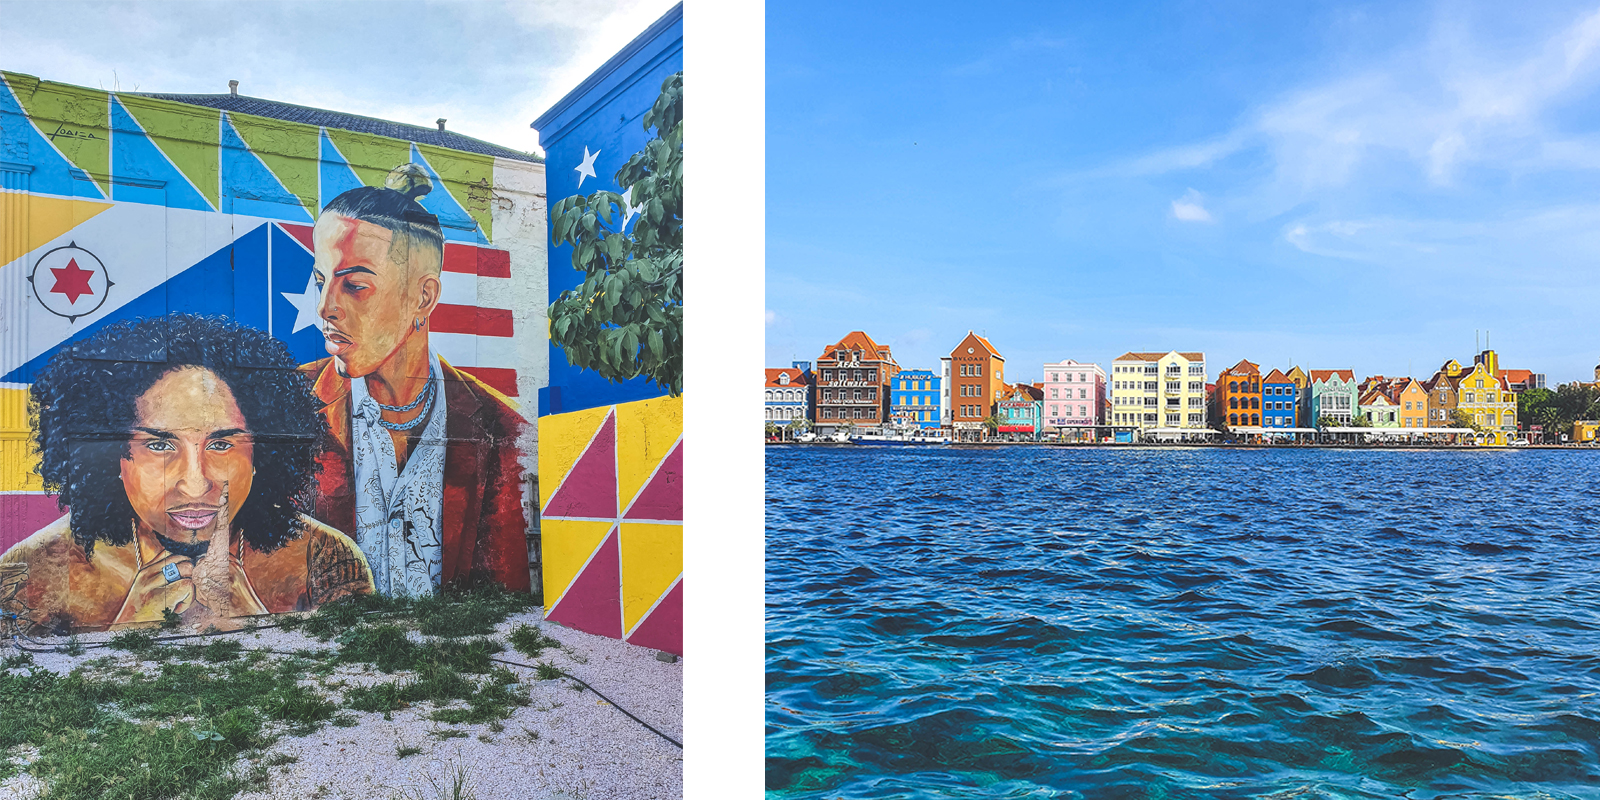 Willemstad-street-art-tour